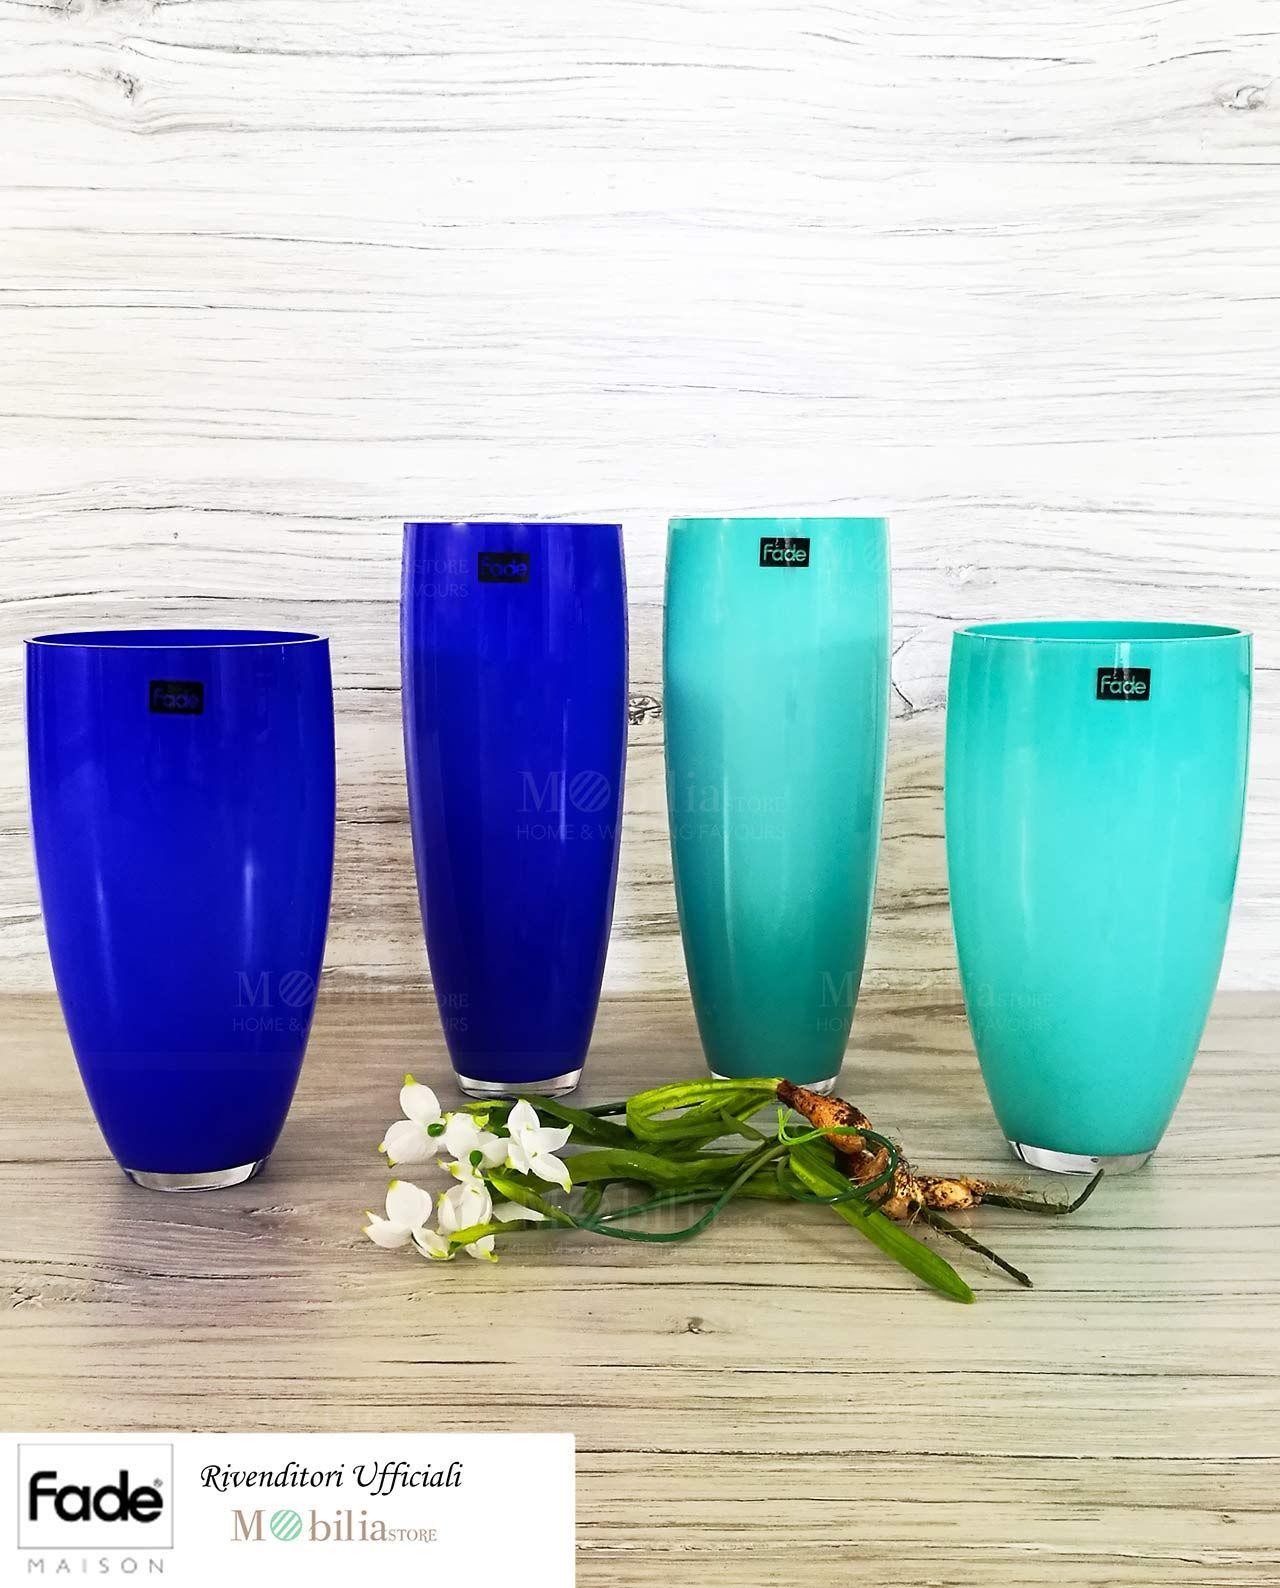 meravigliosi vasi vetro colorato fade maison esclusivi